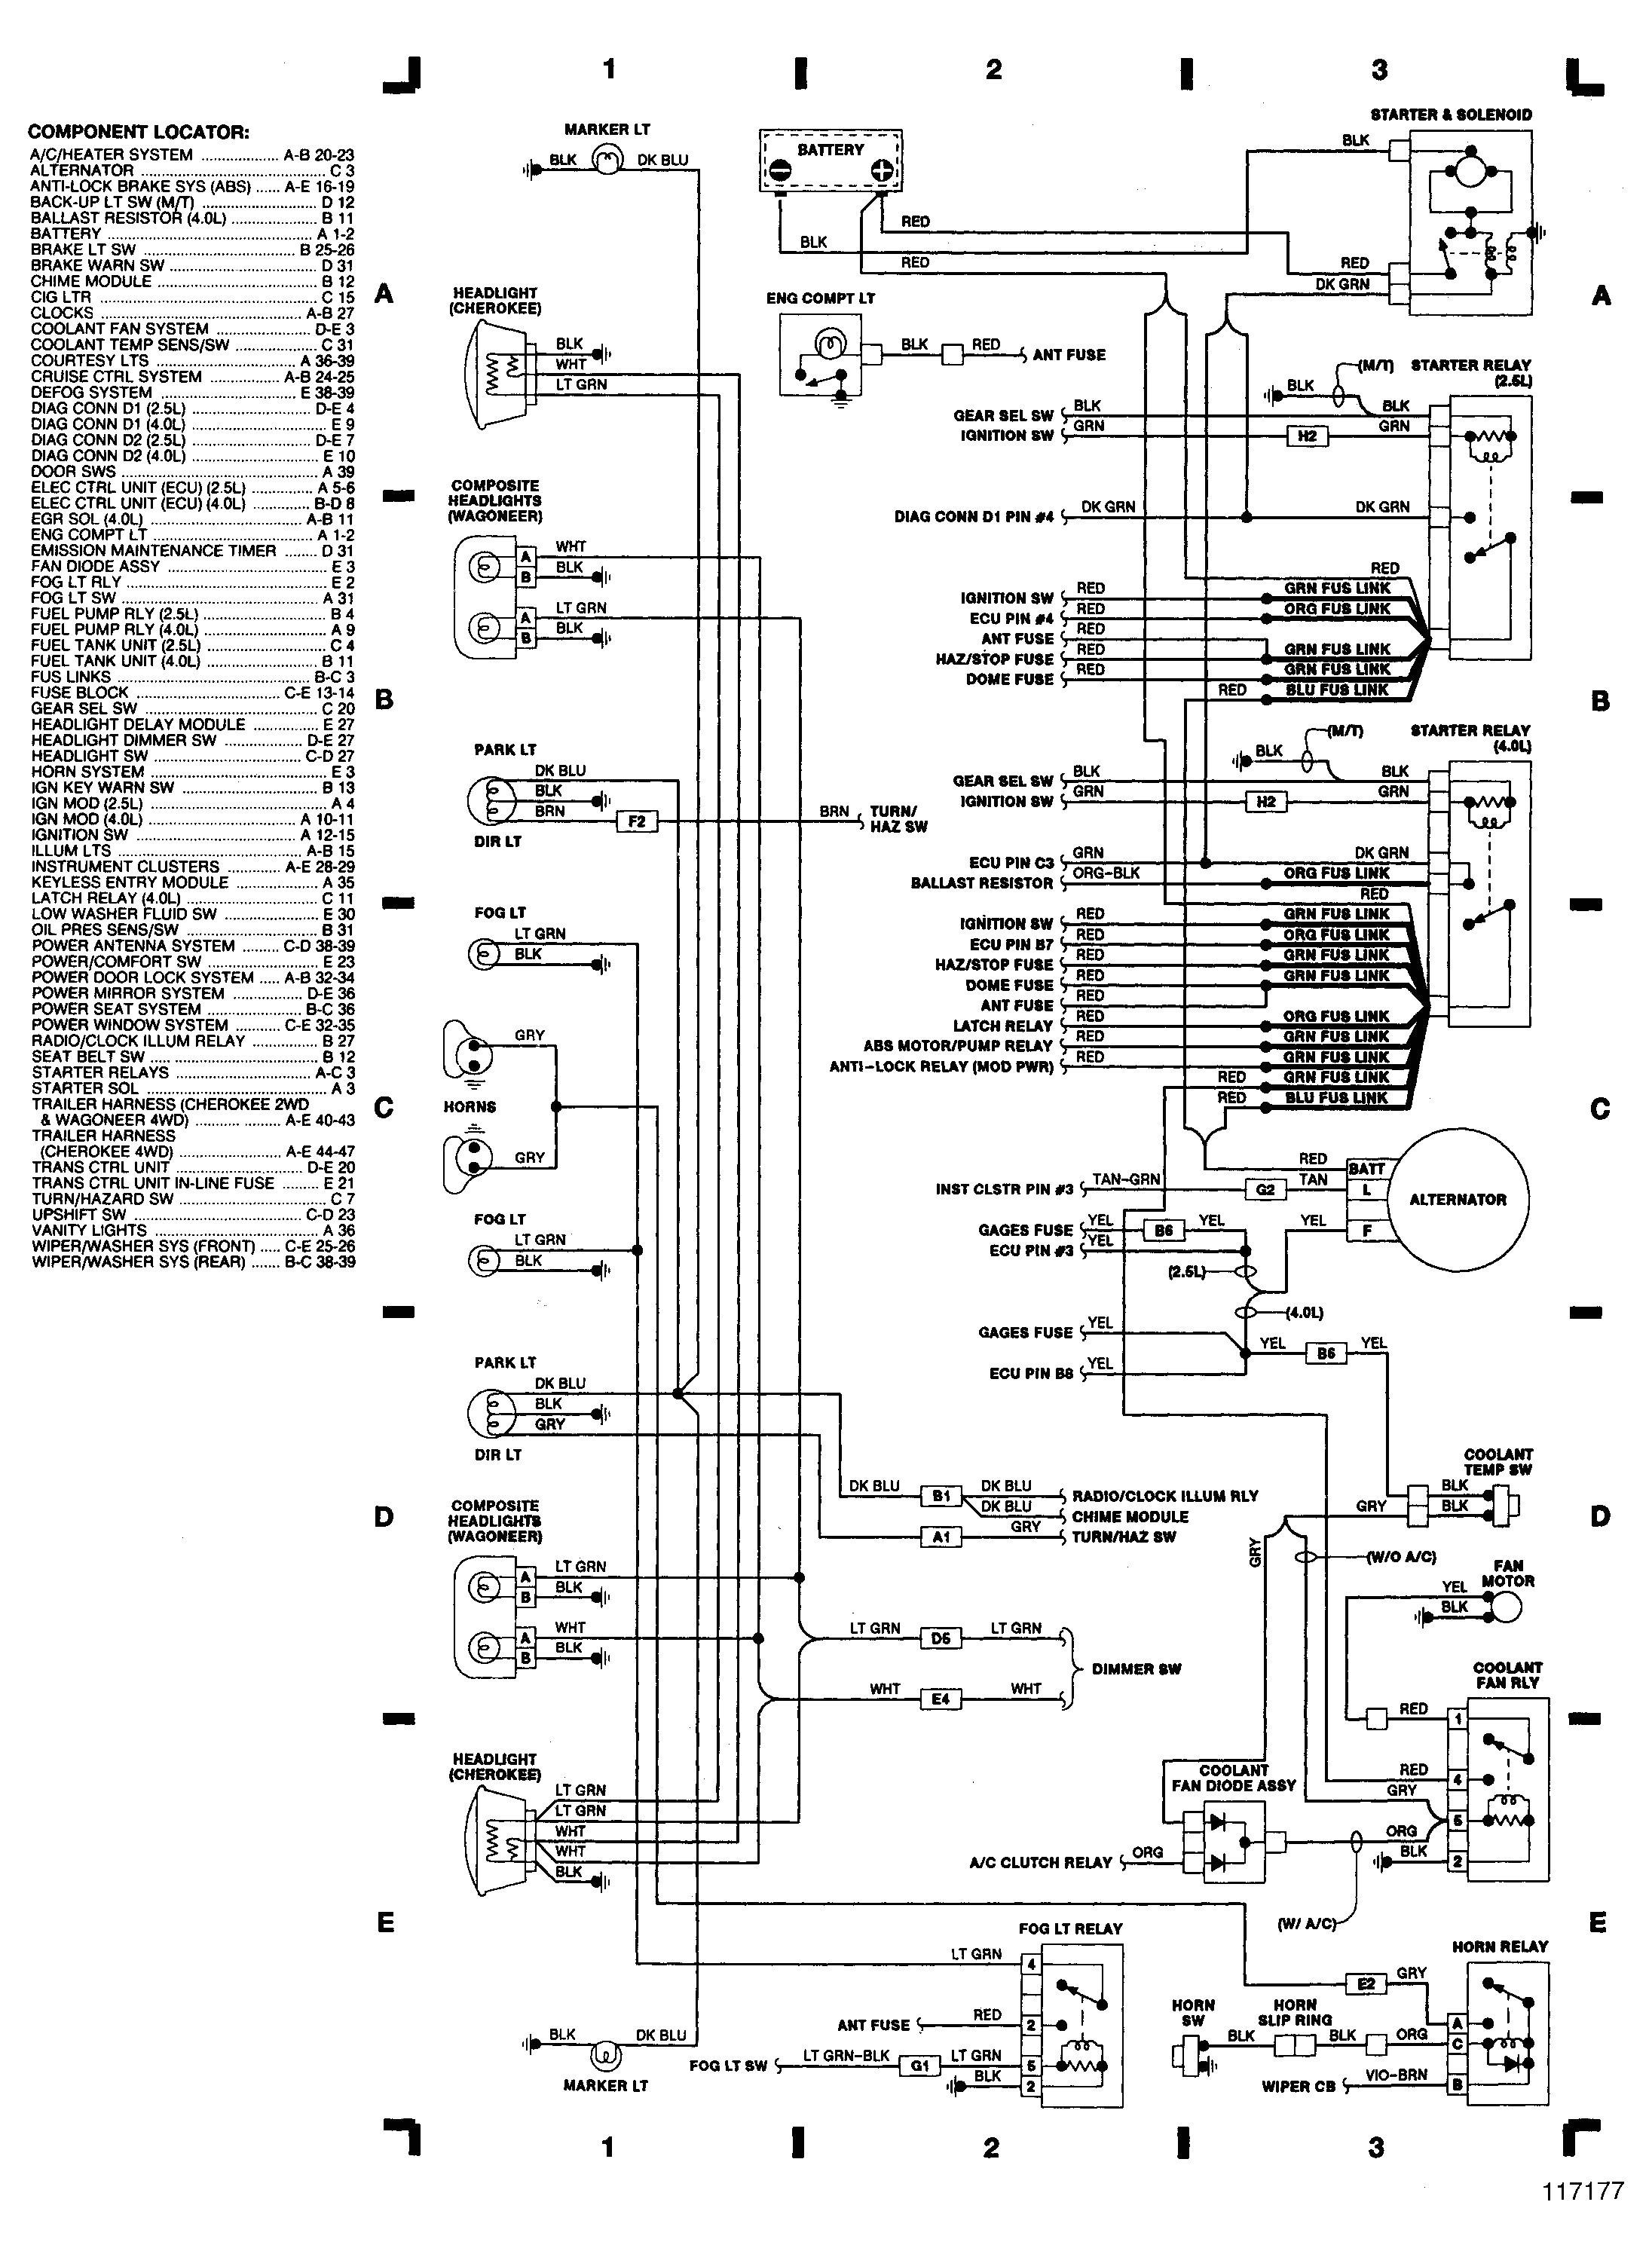 2009 Jeep Patriot Wiring Diagram Schematic Wiring Diagram Ach 800 Wiring Diagram View